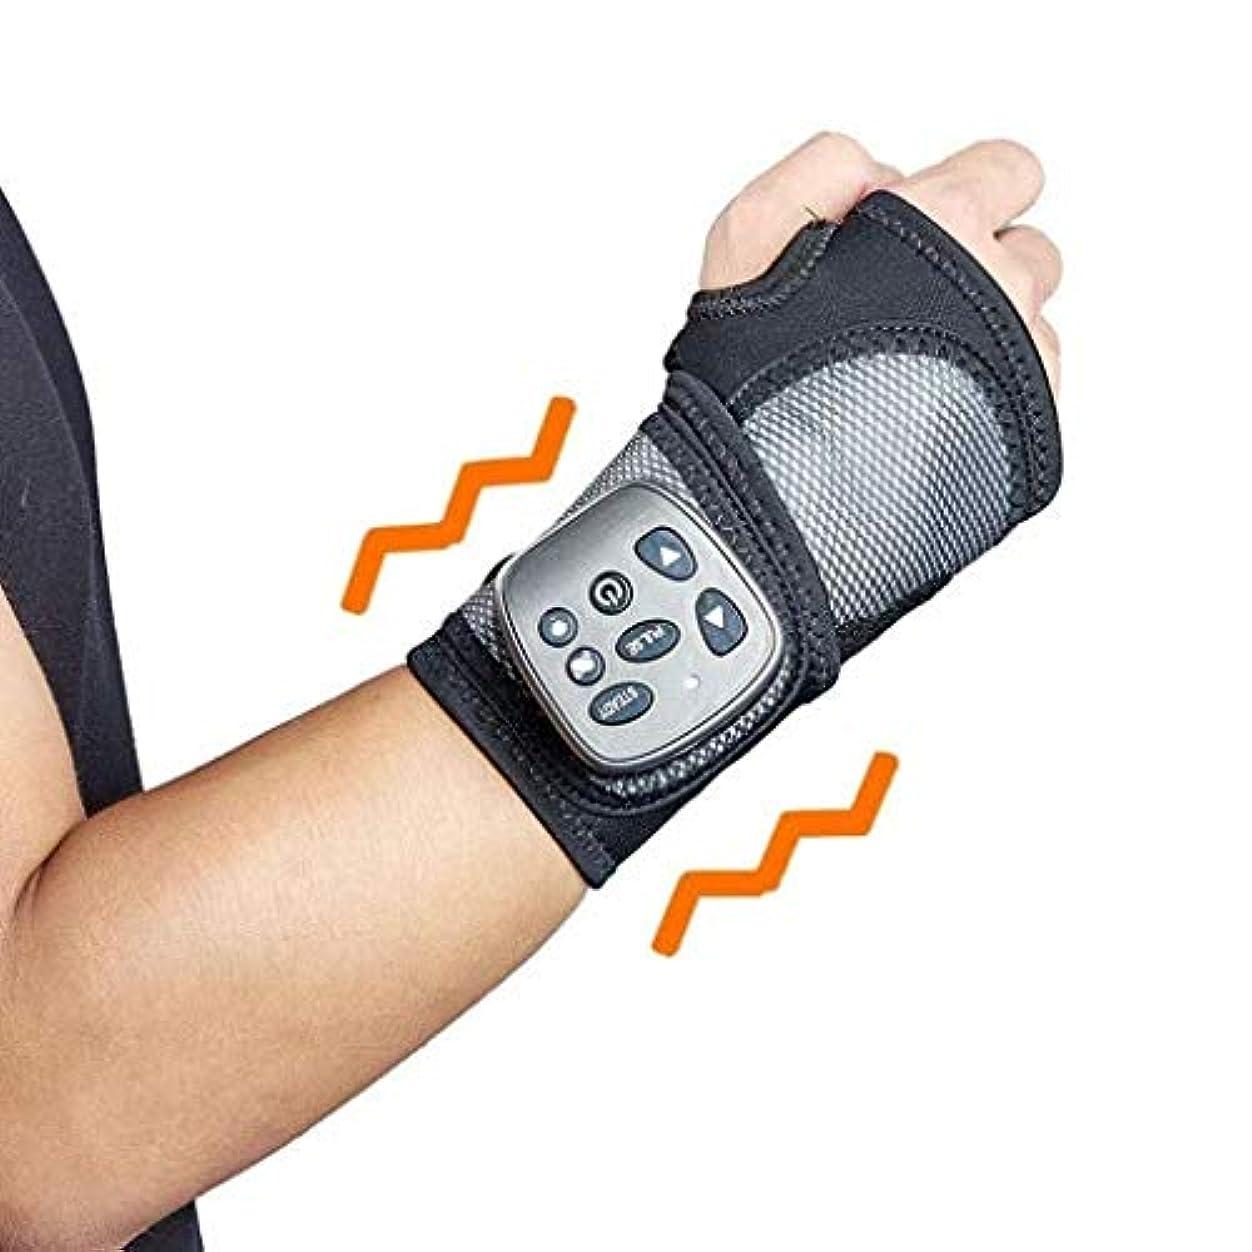 相互提供する発症ハンドマッサージ、手首のマッサージ器、充電式リストバンド、手の痛み、振動暖房を軽減血液の循環を促進するための (Color : Vibrationsqueeze, Size : One size)